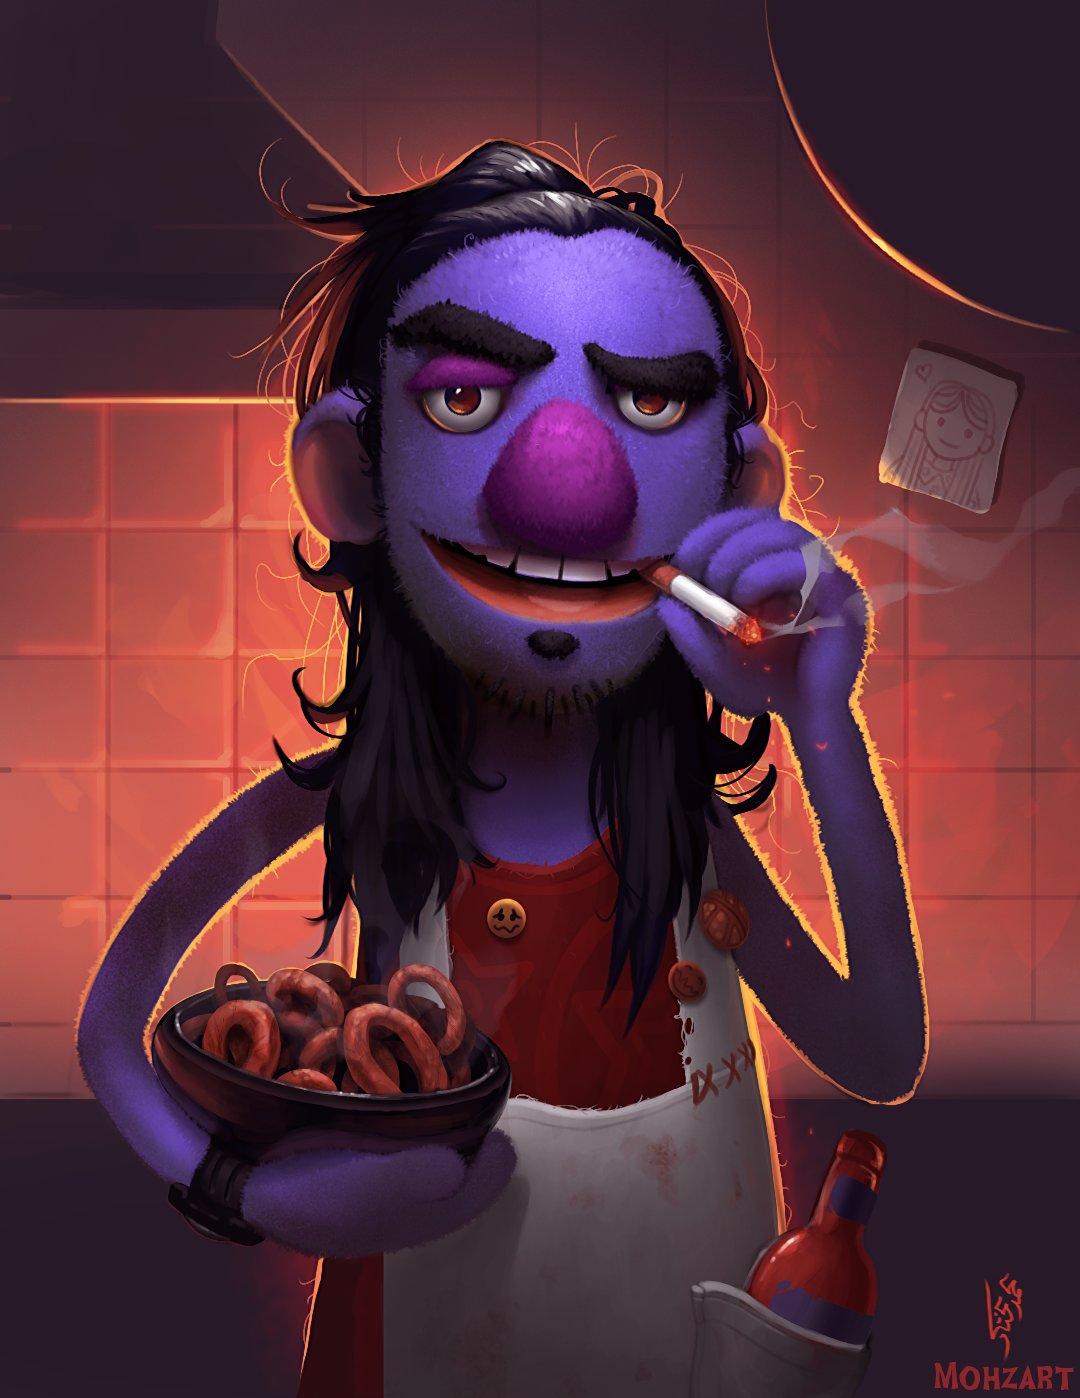 Mohammed z mukhtar muppet me